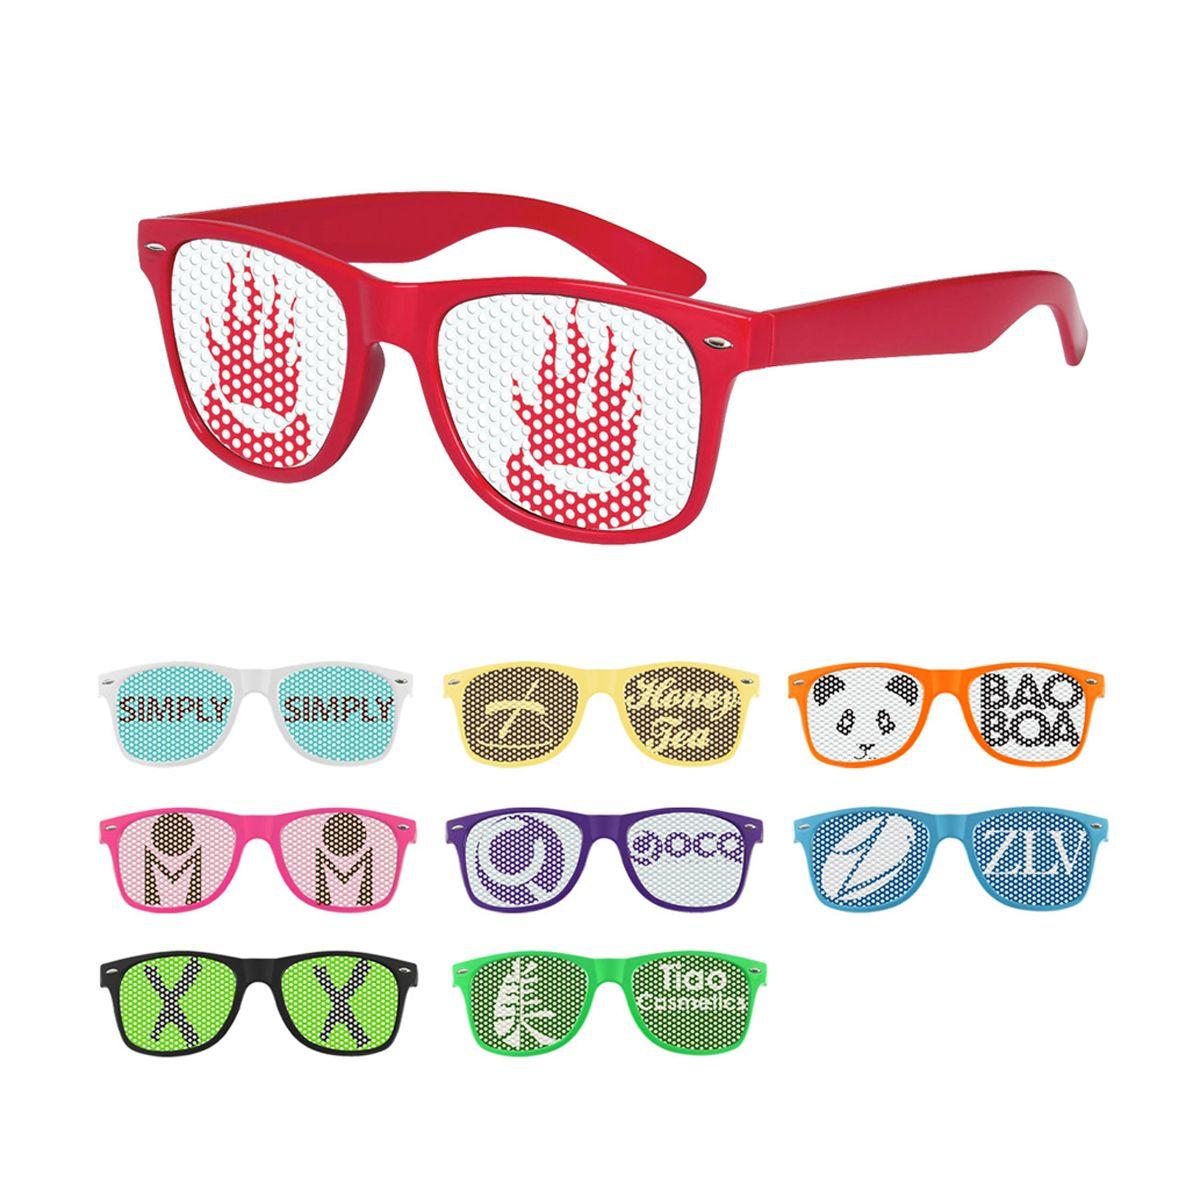 Super fun customized sunglasses. A great school spirit